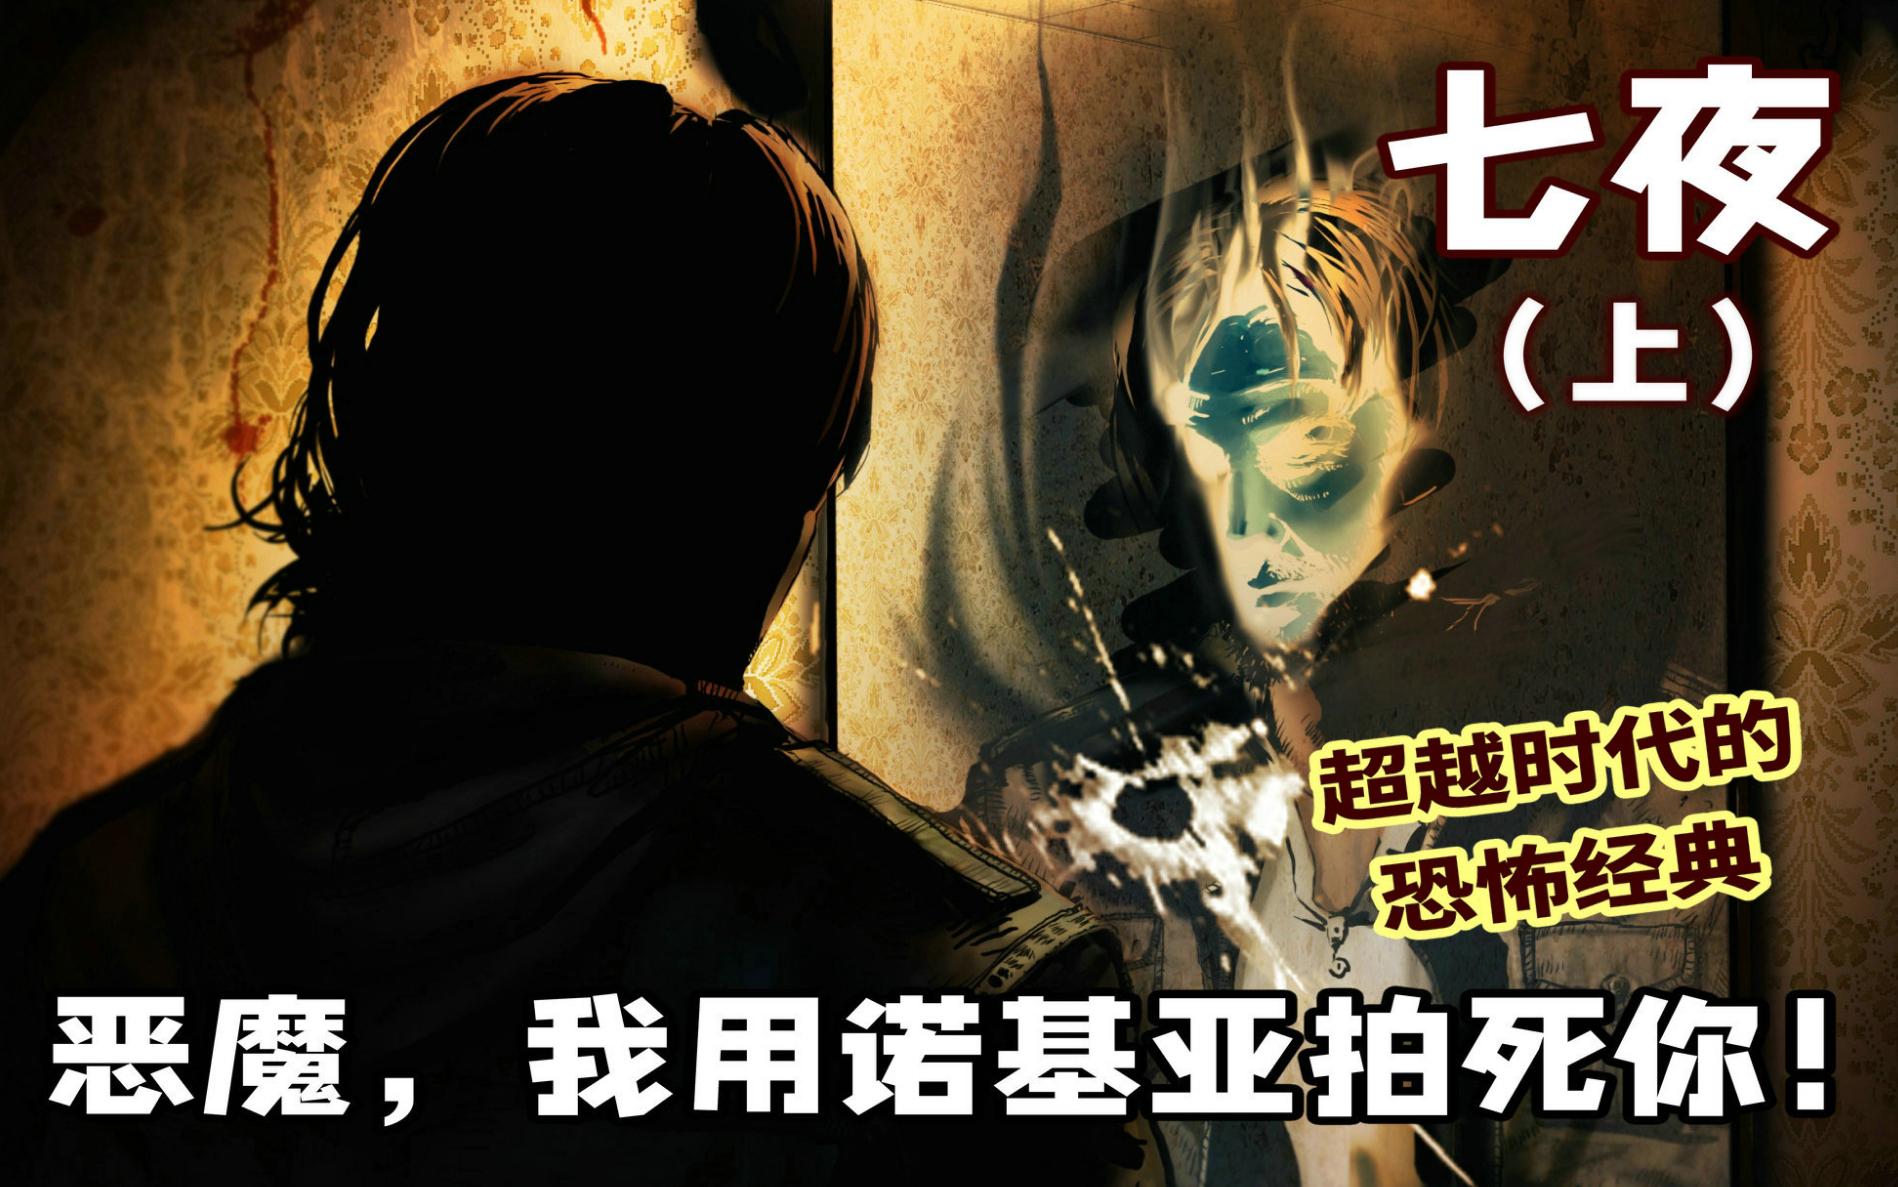 """【精读】诺基亚时代被誉为""""国产寂静岭""""的恐怖神作《七夜》怀旧讲述(上)!"""